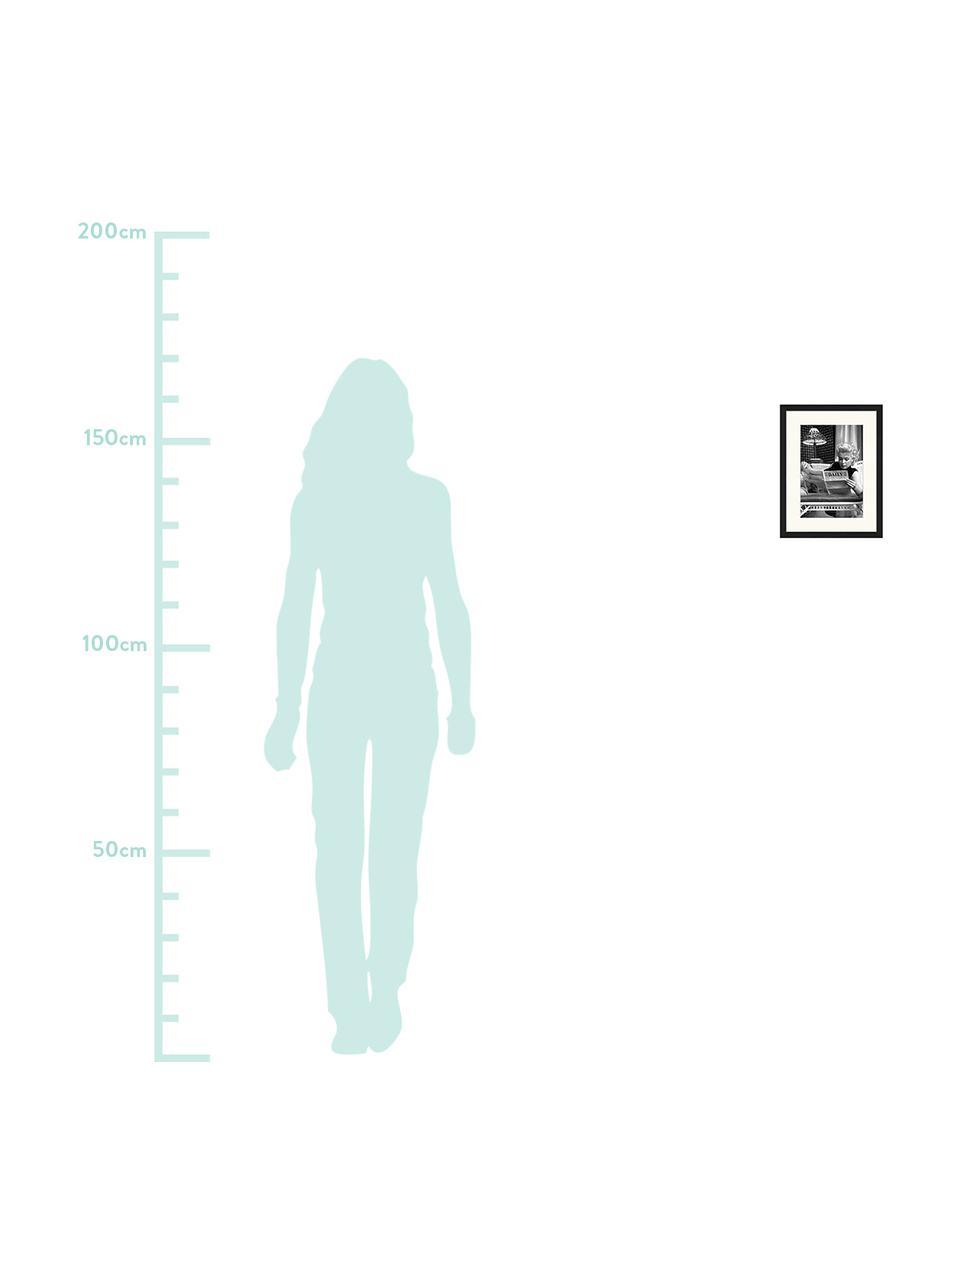 Gerahmter Digitaldruck Marilyn Monroe Reading, Bild: Digitaldruck auf Papier, , Rahmen: Holz, lackiert, Front: Plexiglas, Bild: Schwarz, Weiss Rahmen: Schwarz, 33 x 43 cm